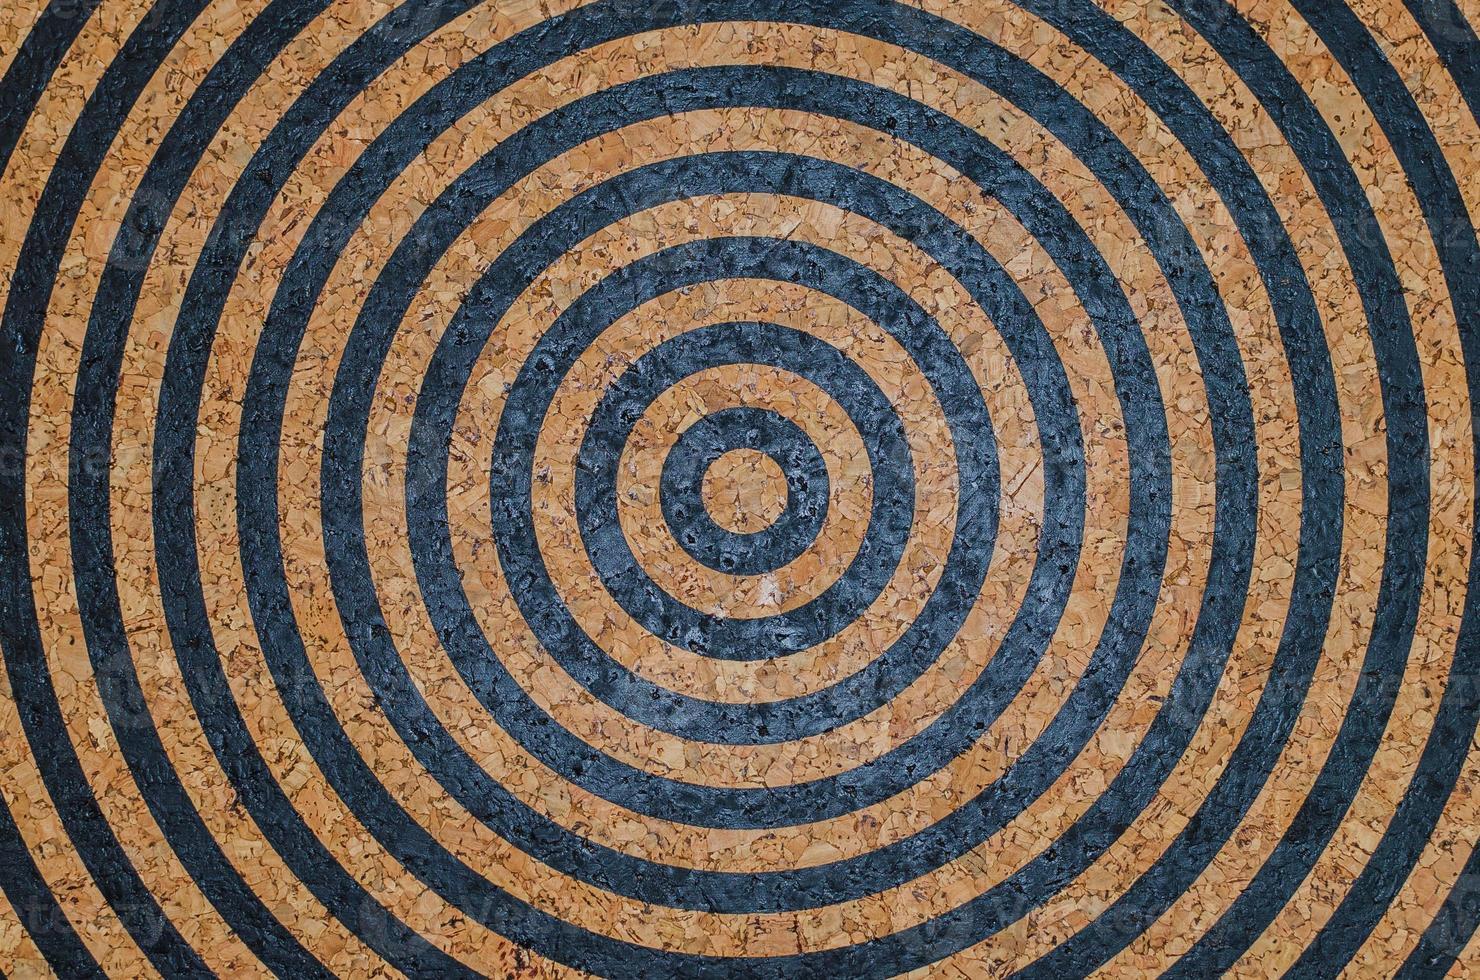 cirkel cork board verf doel als achtergrond foto